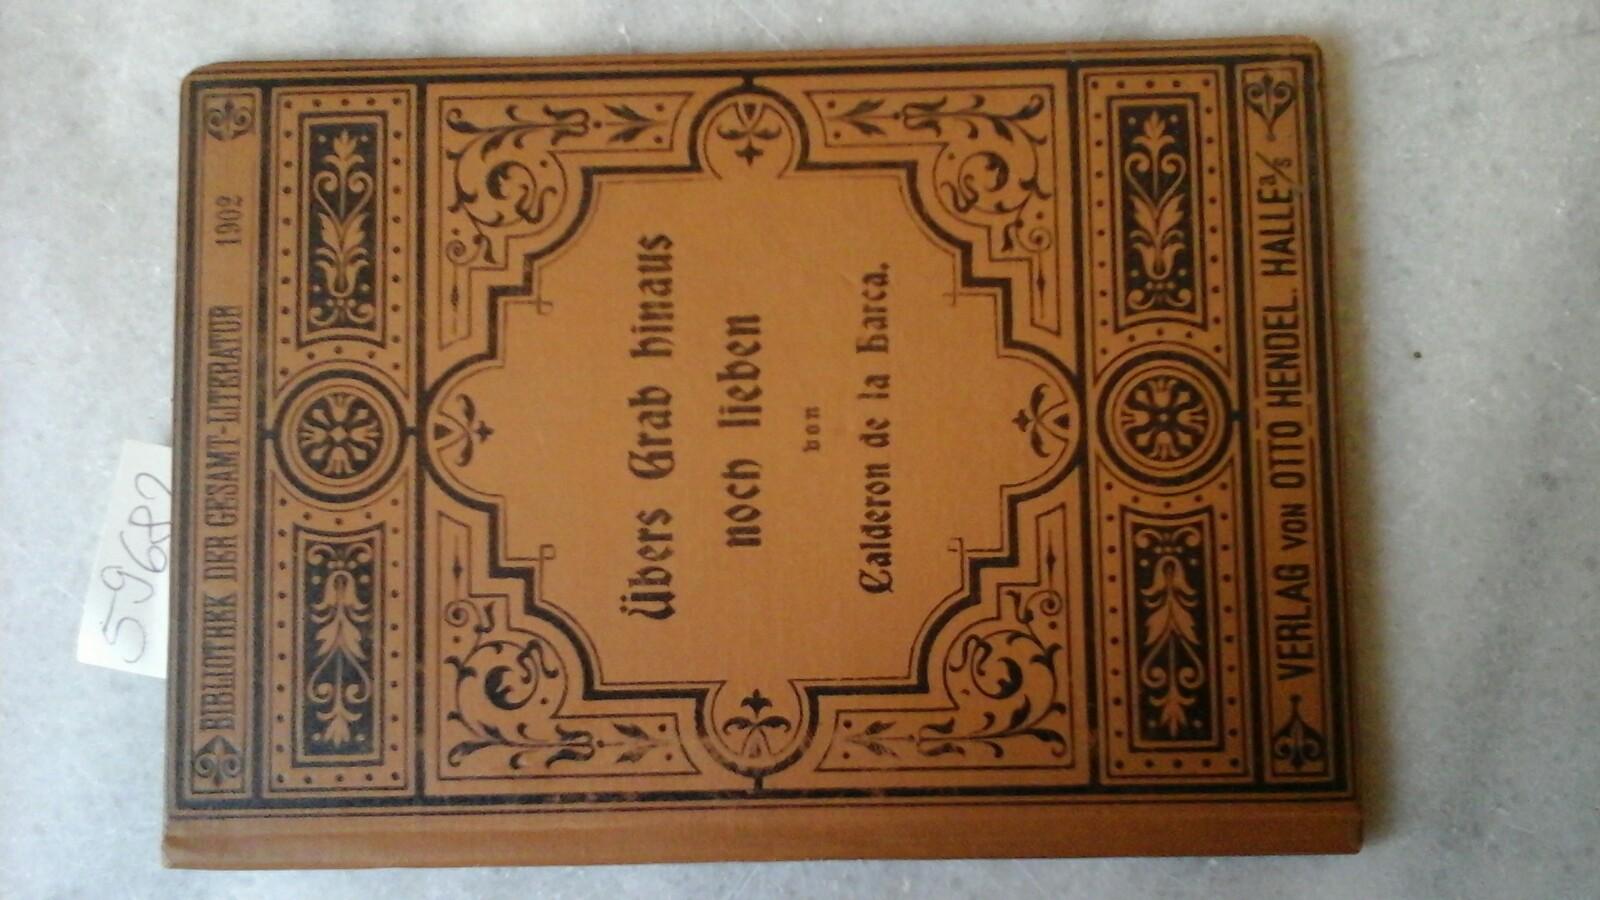 Übers Grab hinaus noch lieben (Amar despues de la muerte). Schauspiel in fünf Aufzügen. Frei übersetzt und für die deutsche Bühne bearbeitet von Adalbert Freiherrn von Malsen.